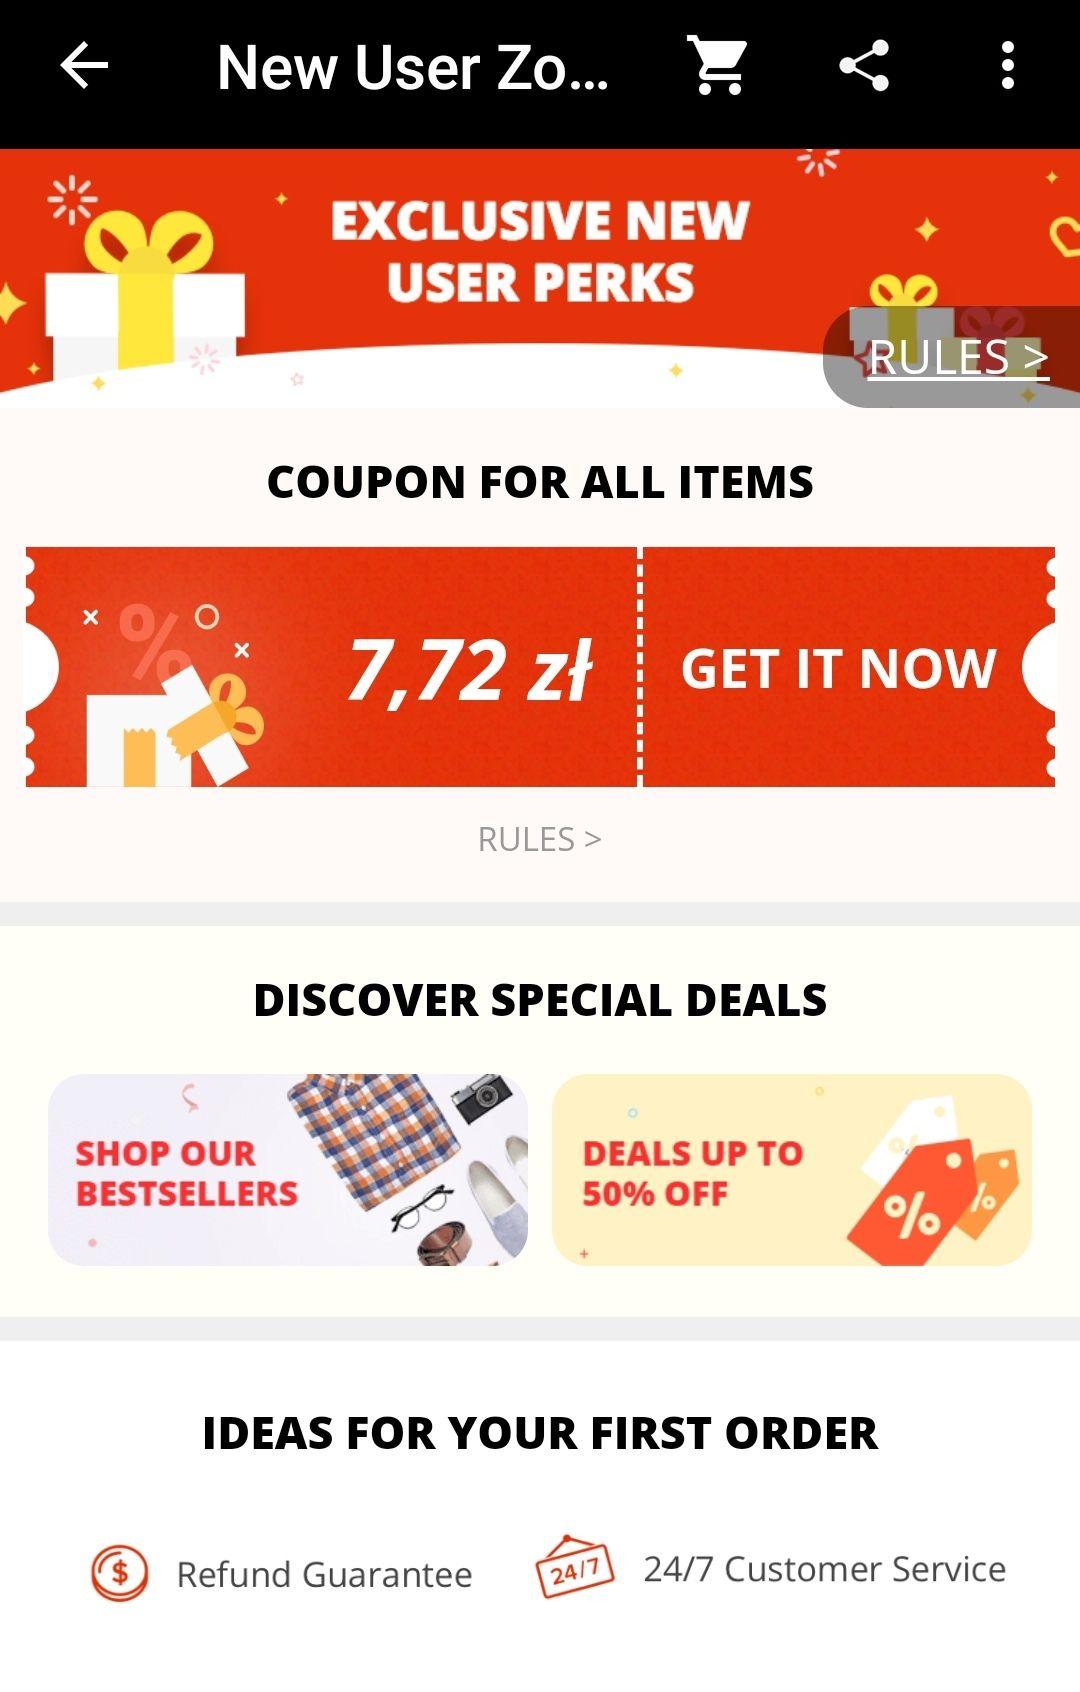 Kupony dla nowych użytkowników Aliexpress